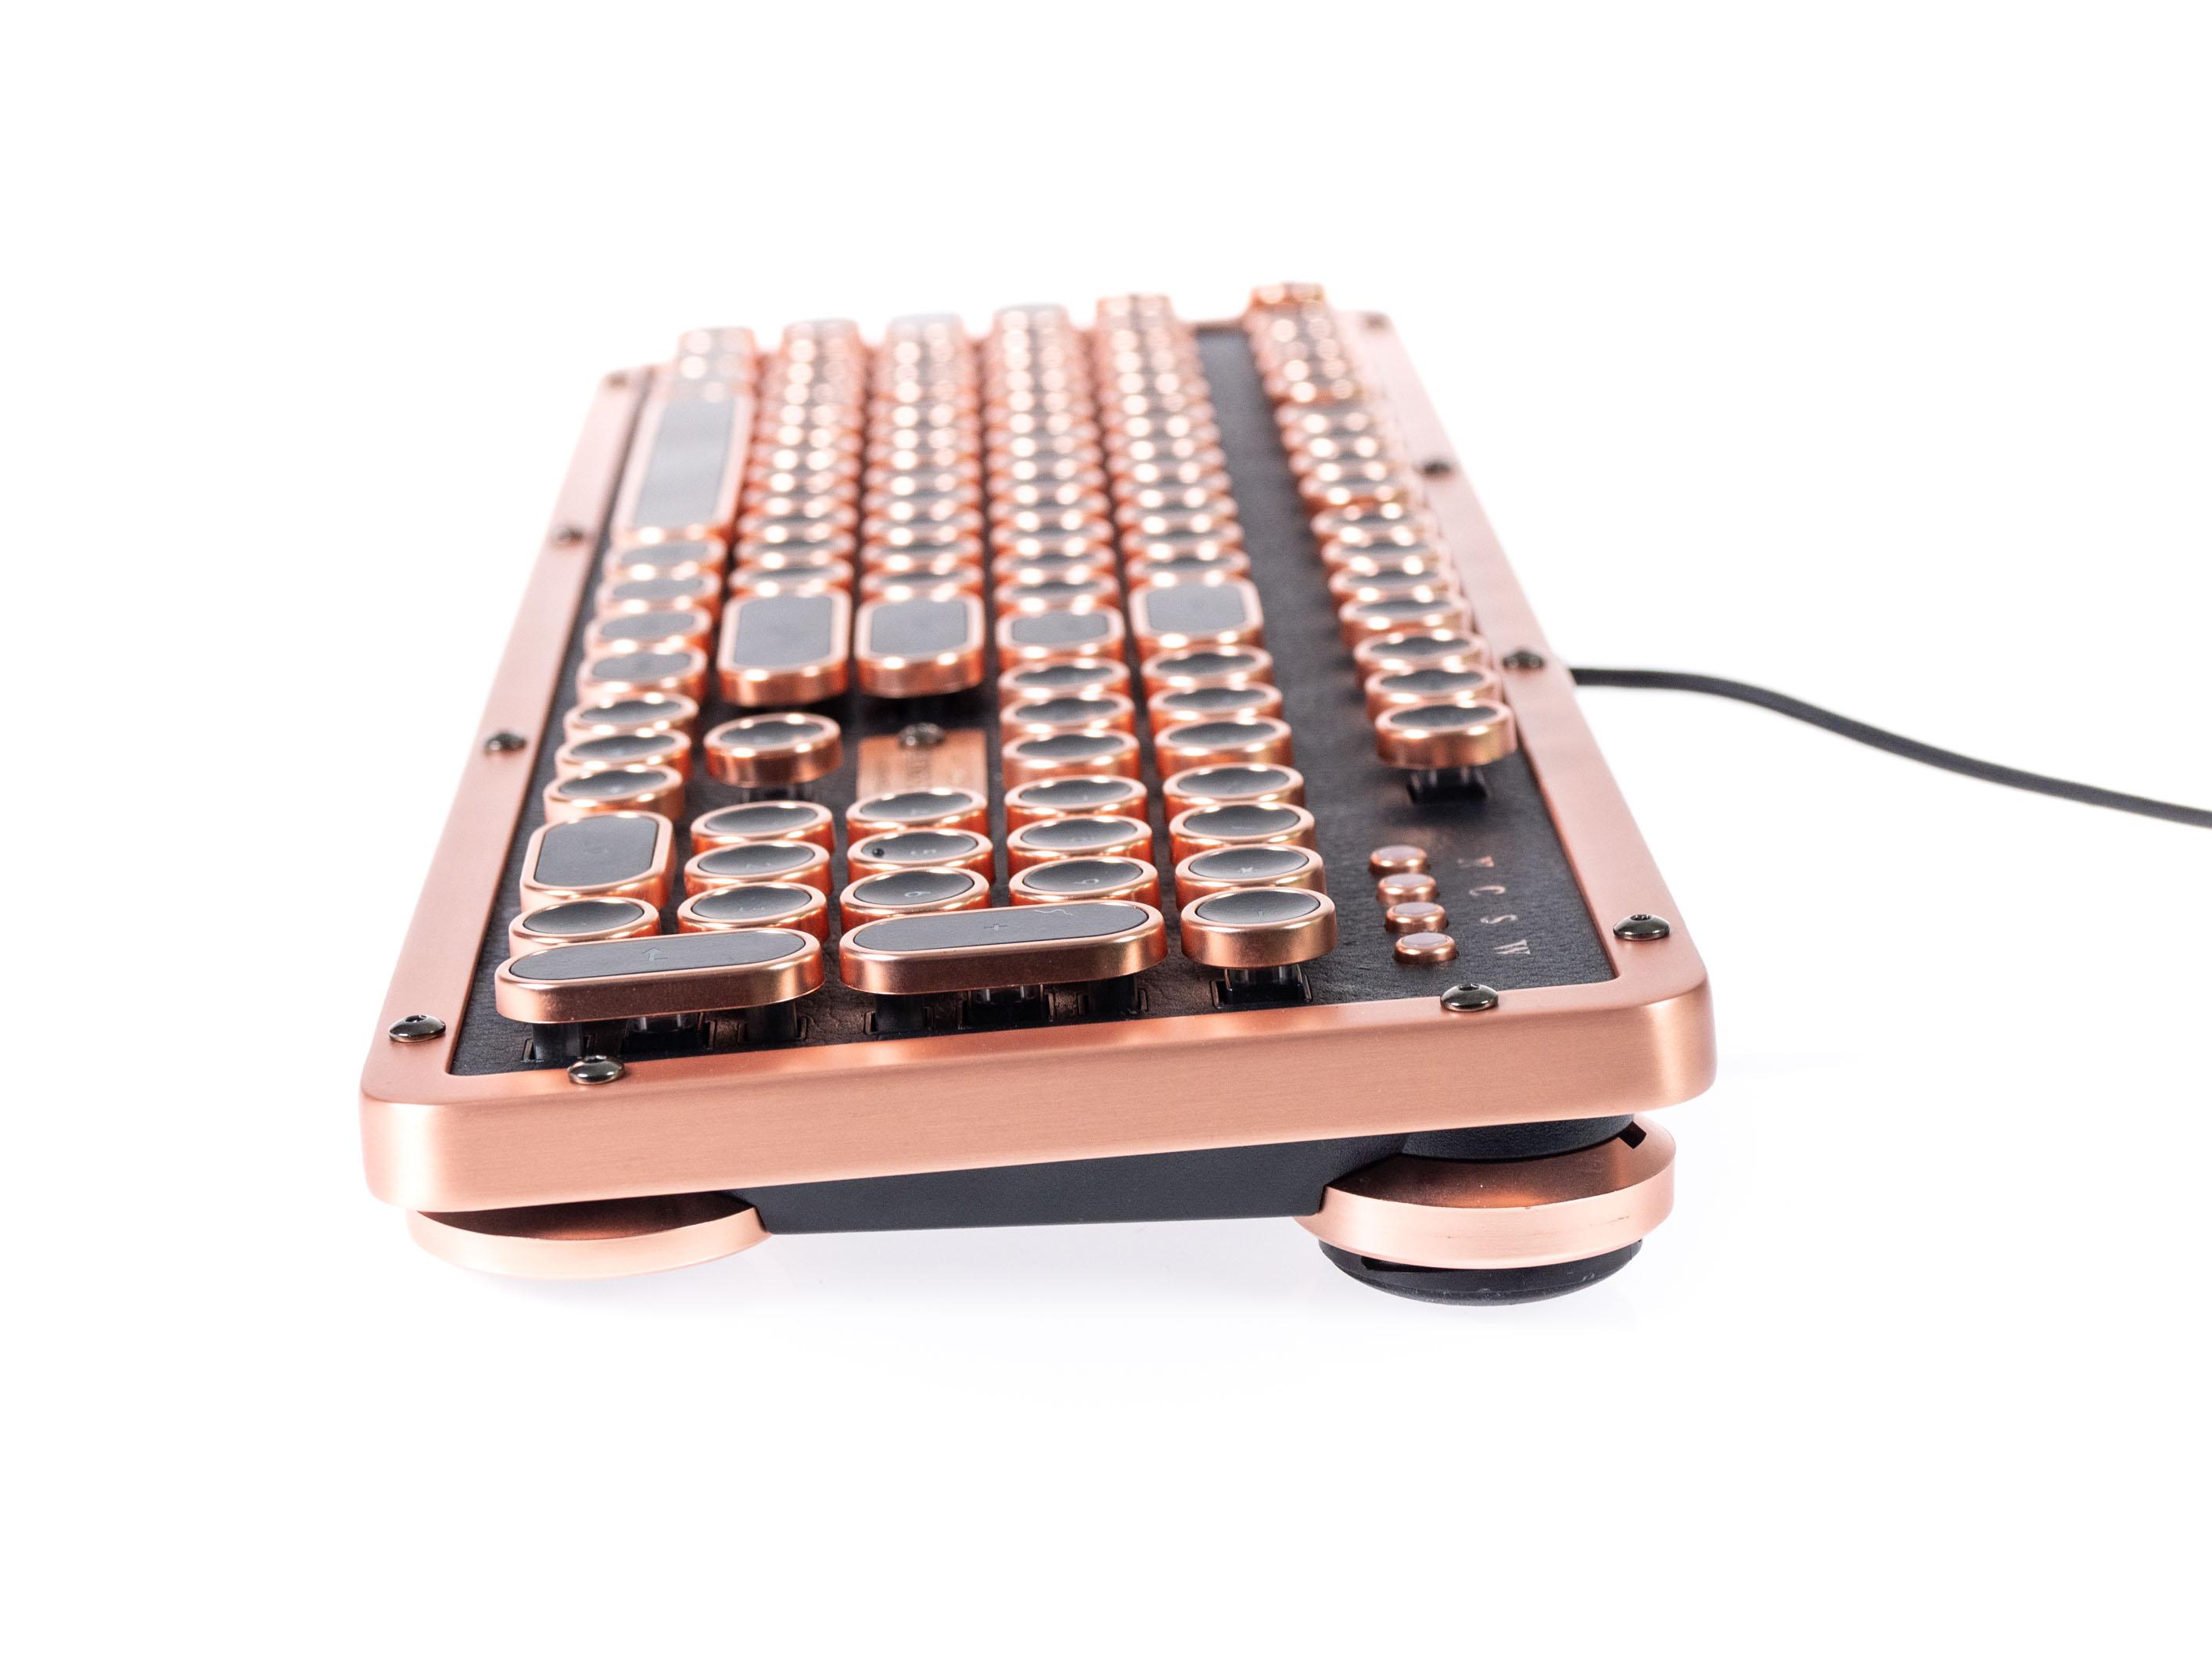 Azio Retro Classic im Test: Außergewöhnlicher Tastatur-Koloss aus Kupfer und Leder - Die Retro Classic kann angewinkelt werden. (Bild: Martin Wolf/Golem.de)